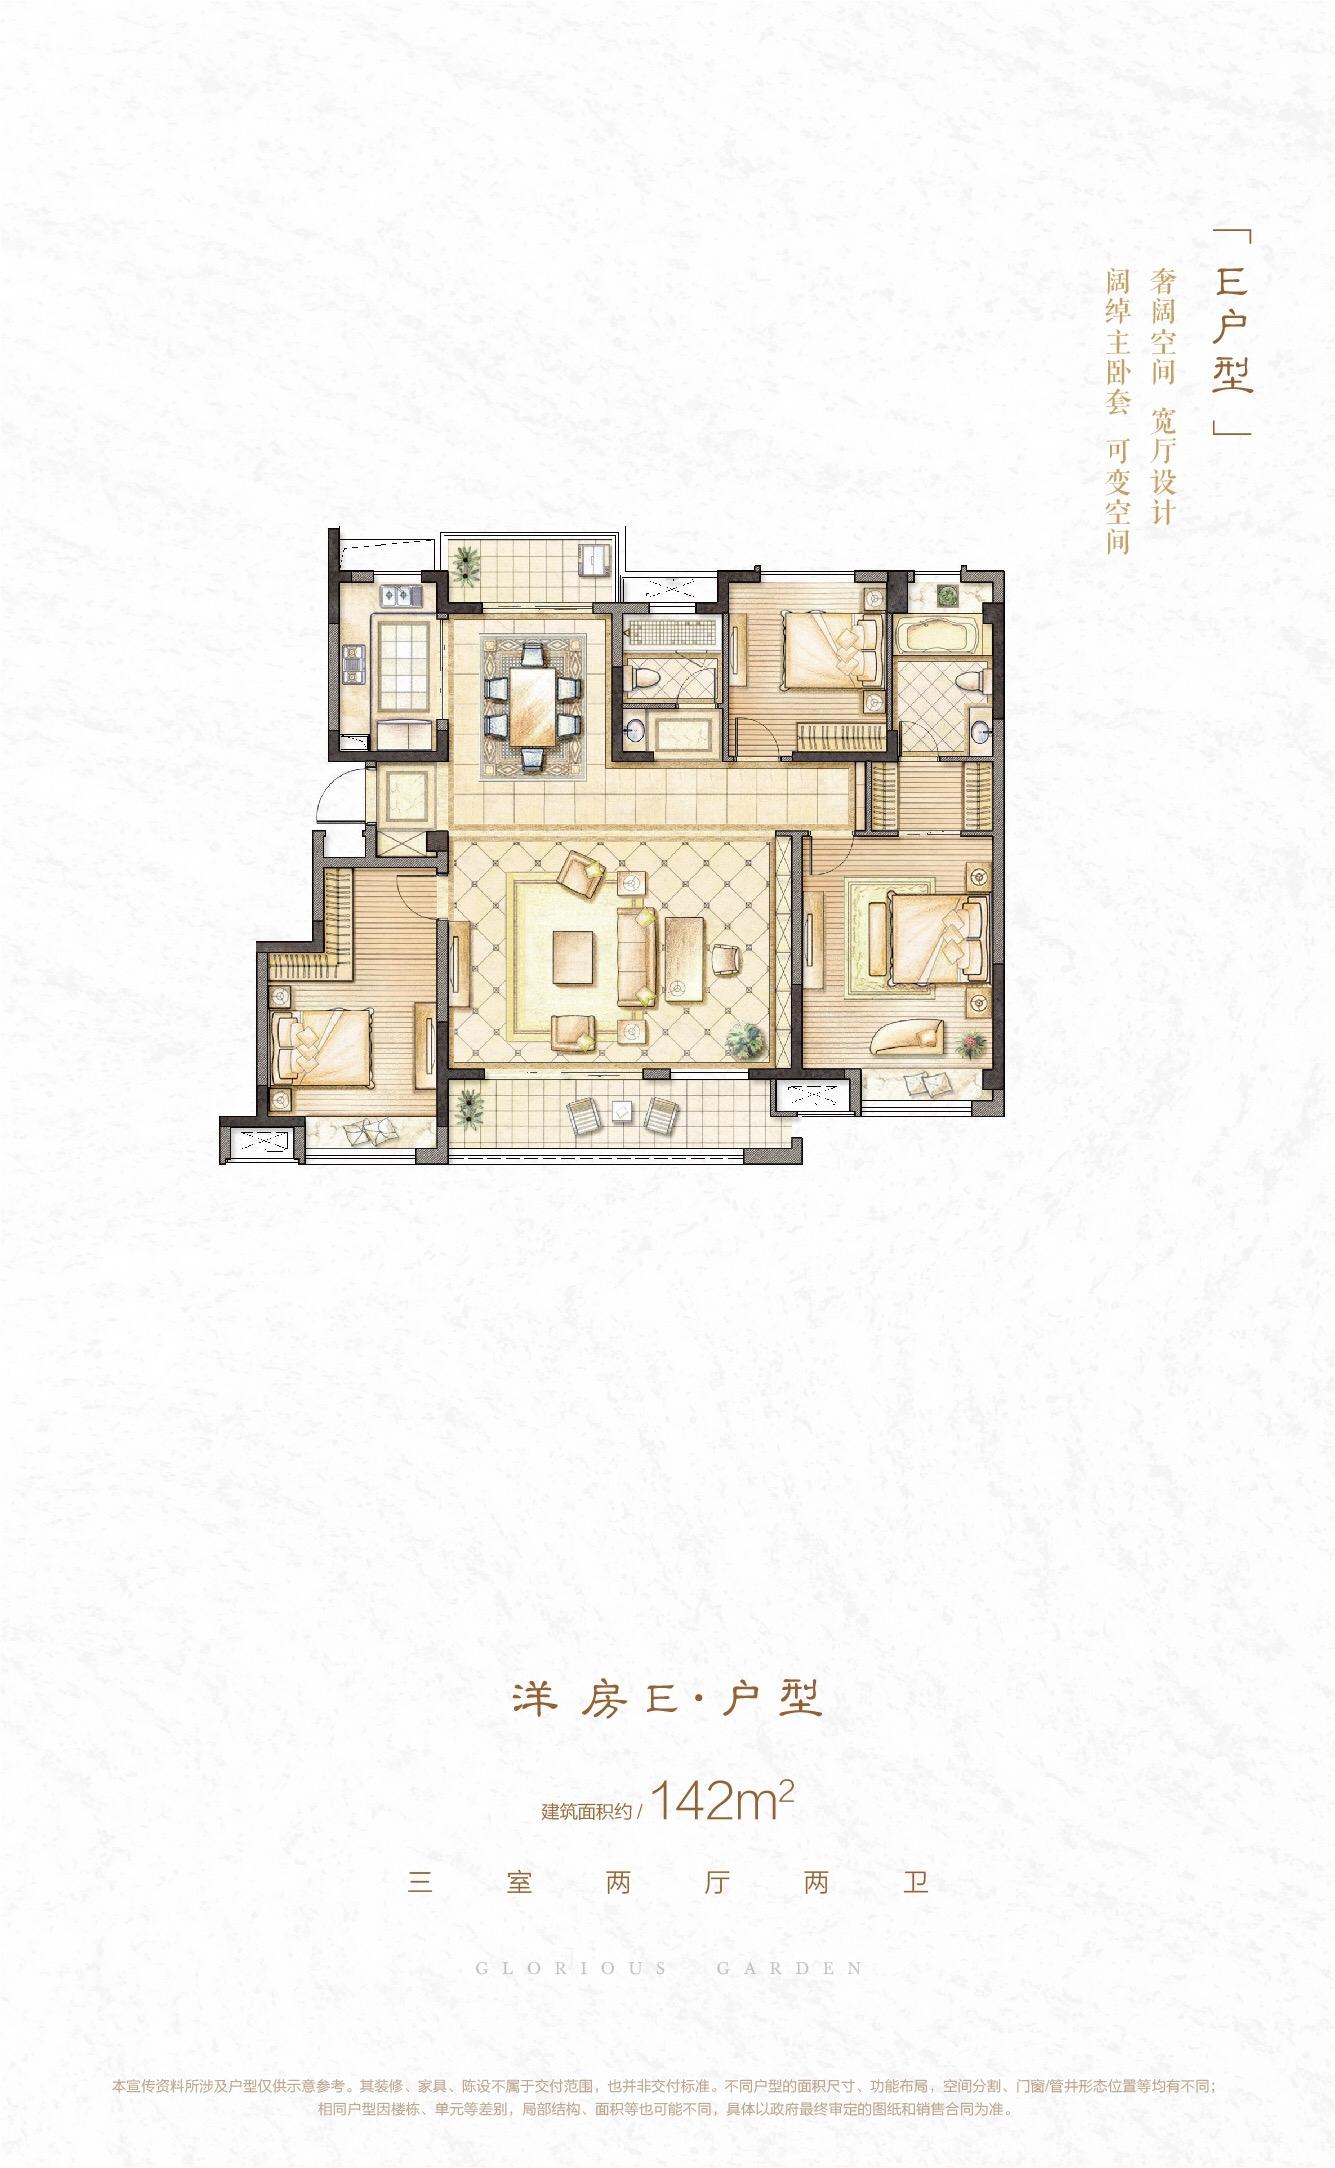 中信泰富锦园户型图